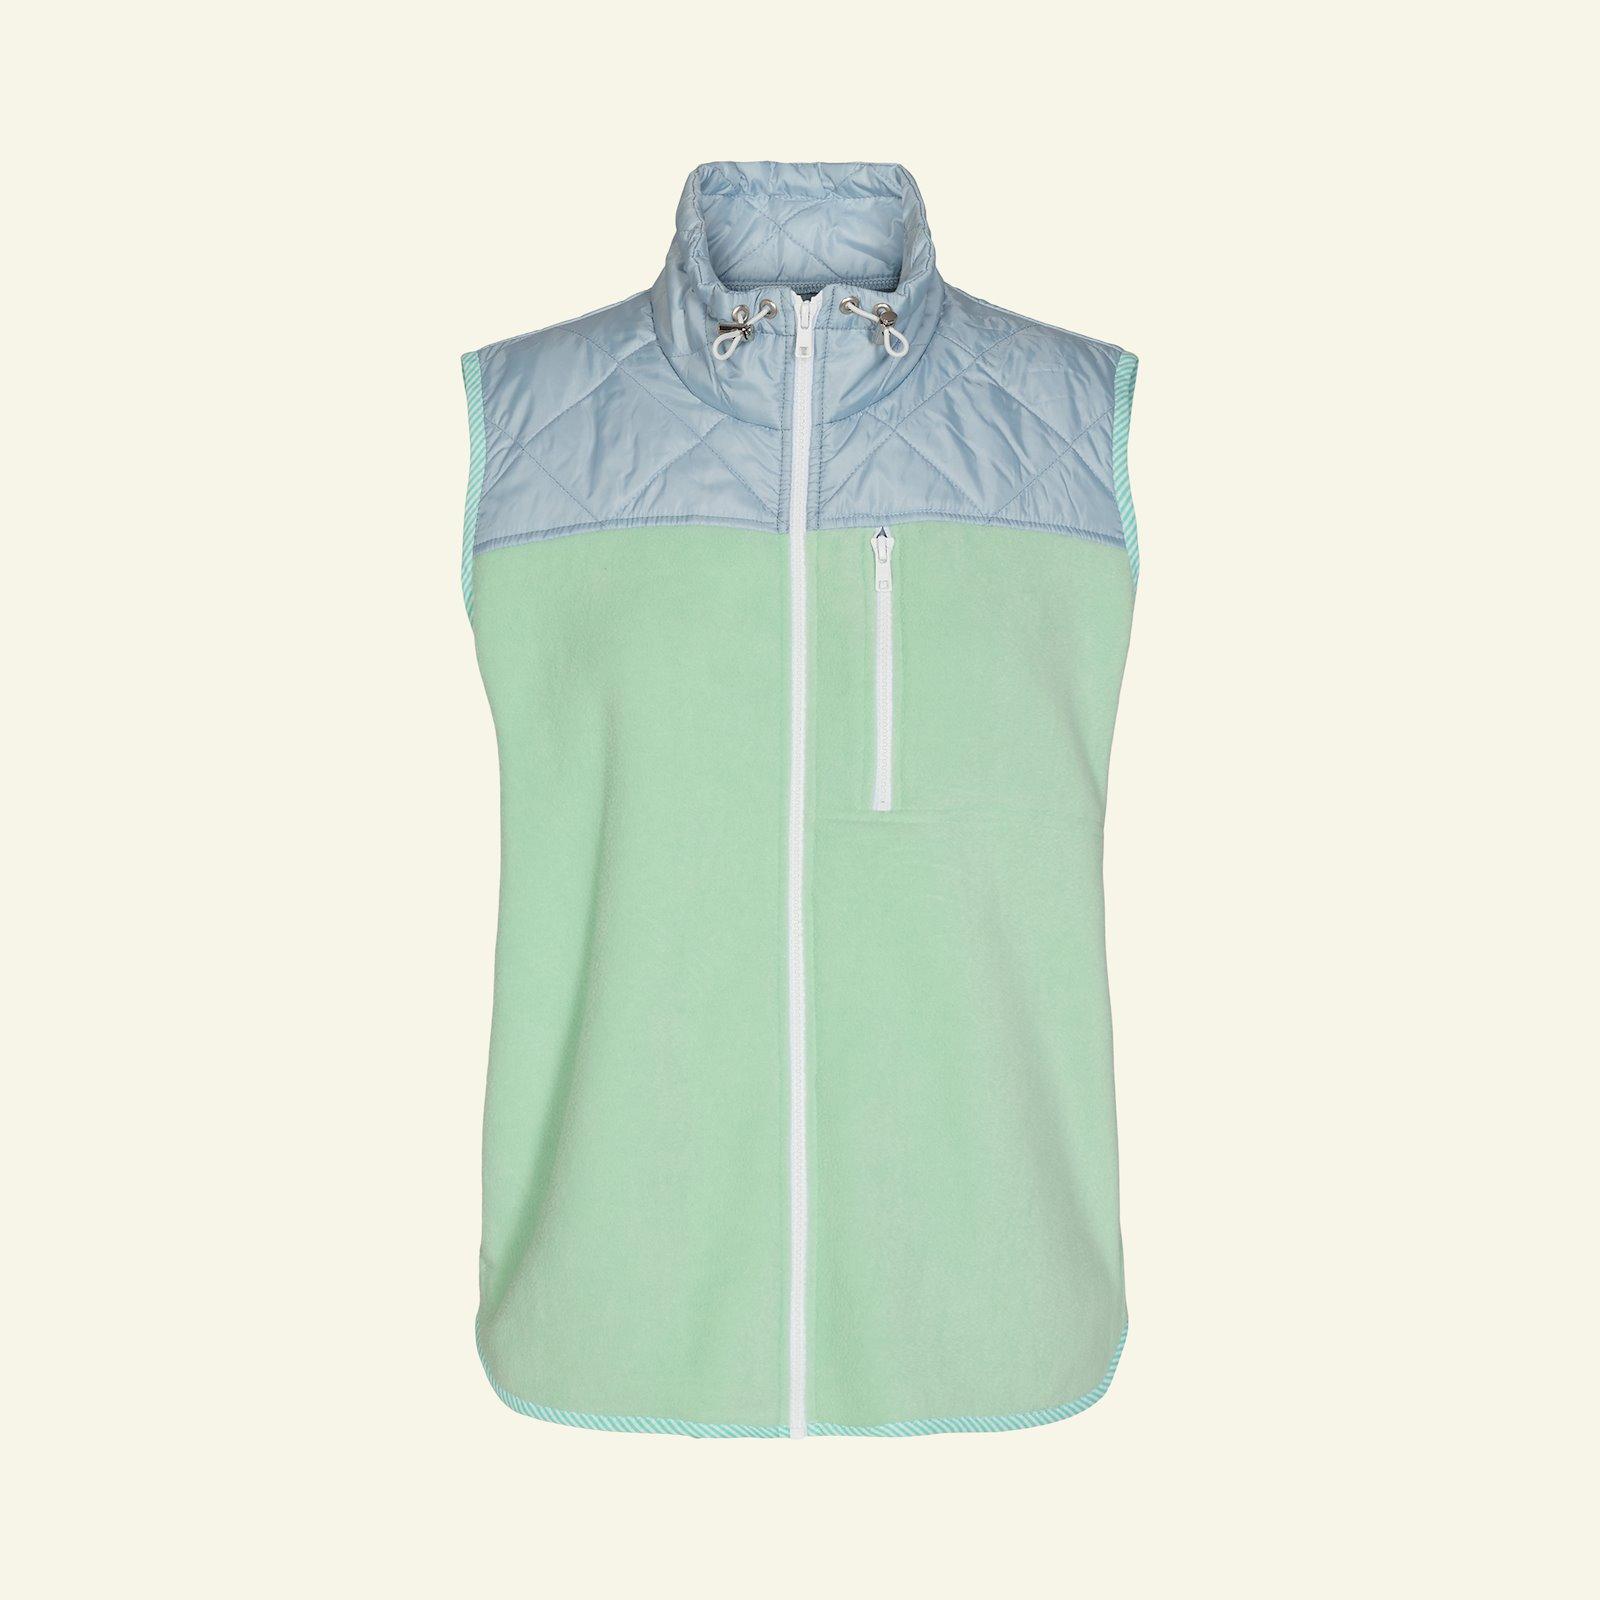 Jacket and waistcoat p24049_920225_220649_64108_sskit